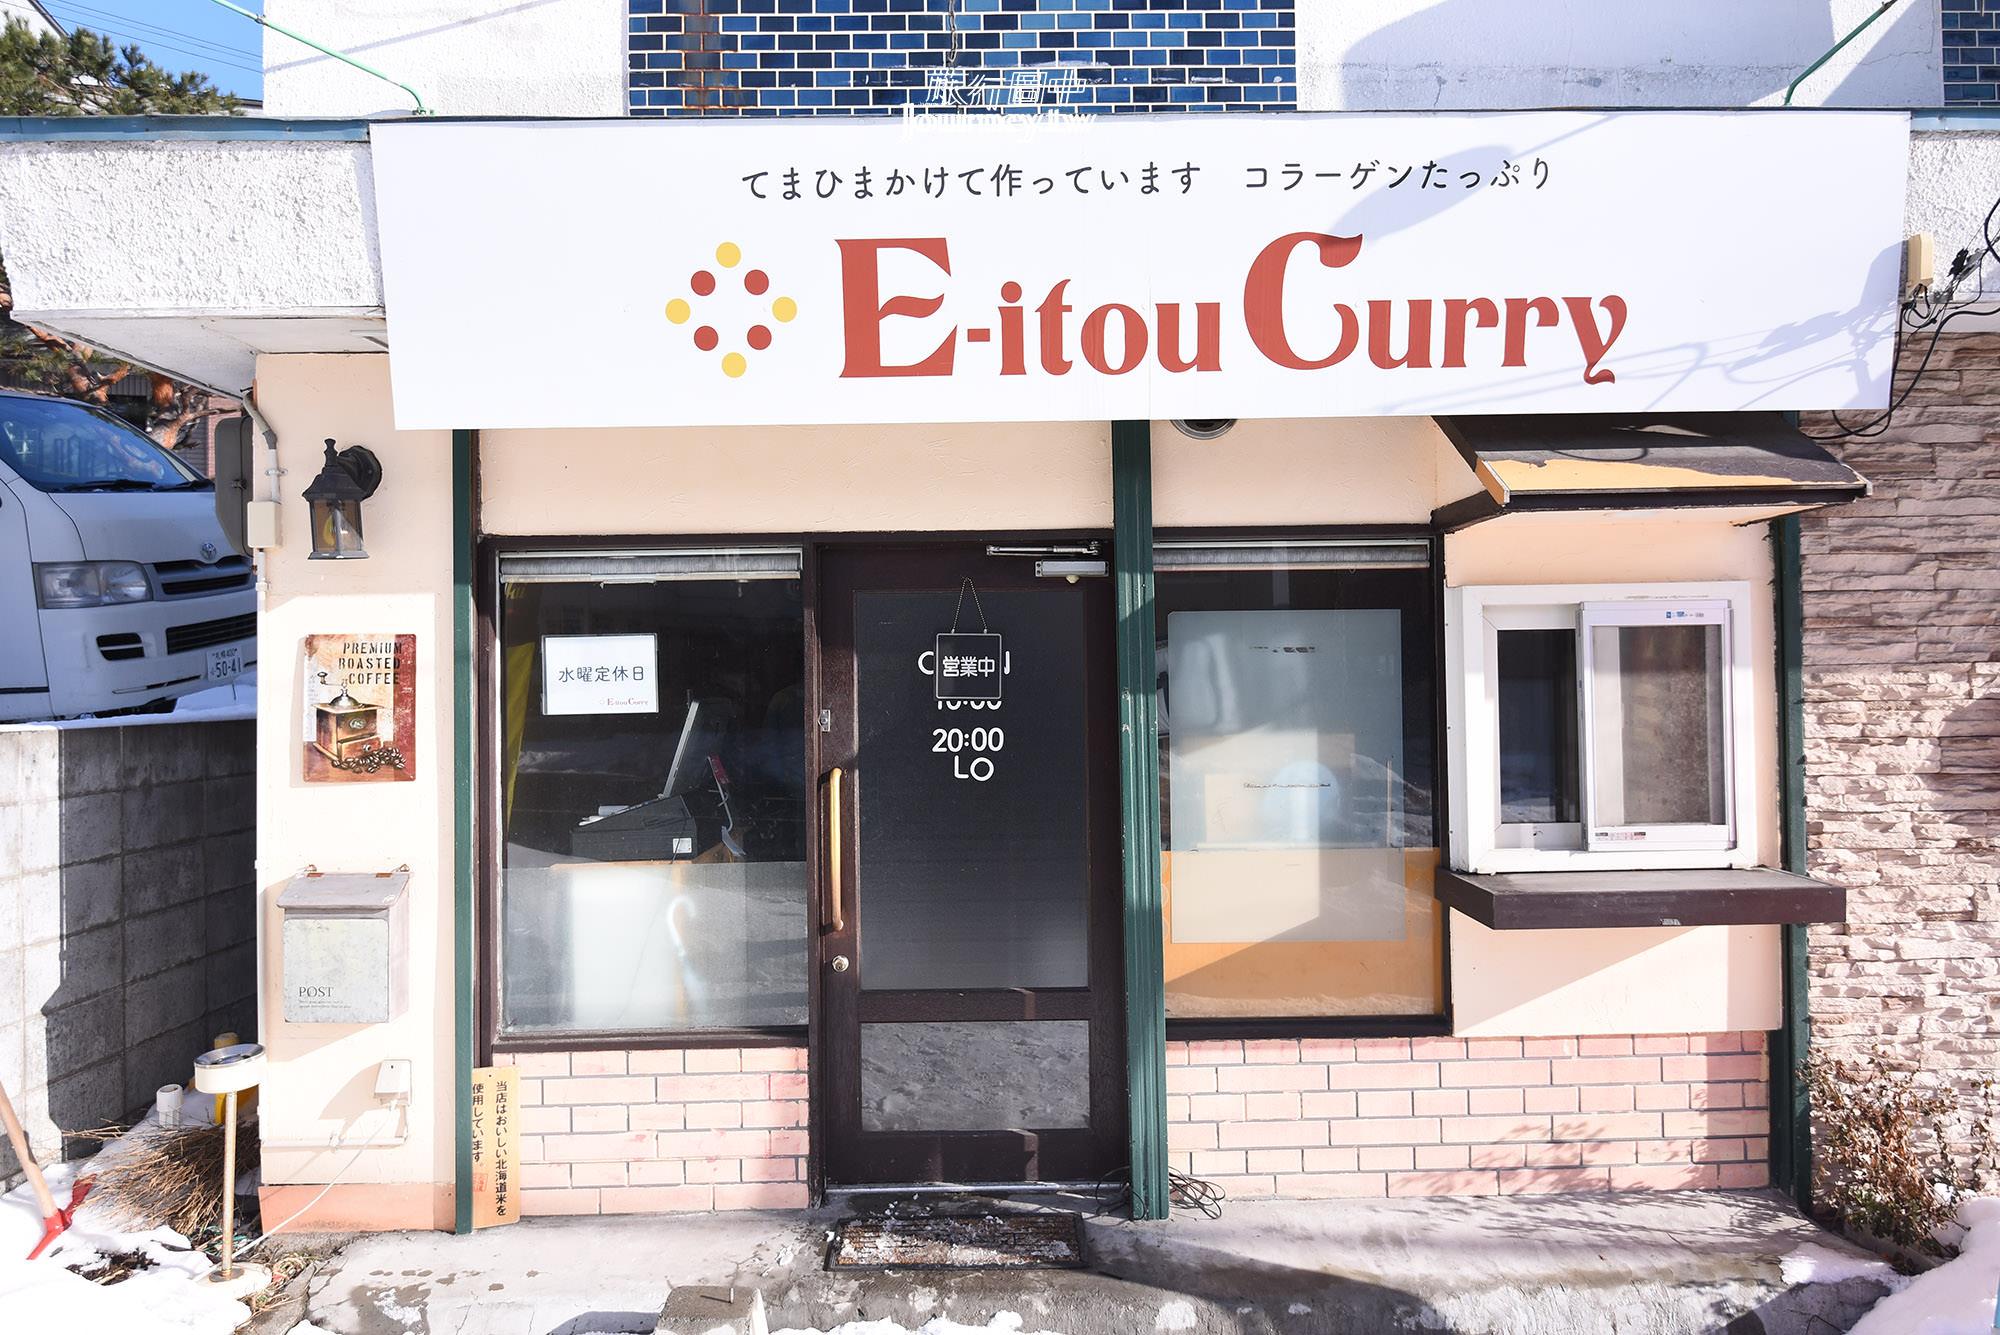 北海道,札幌,札幌美食,中之島,咖哩飯,E-itou Curry